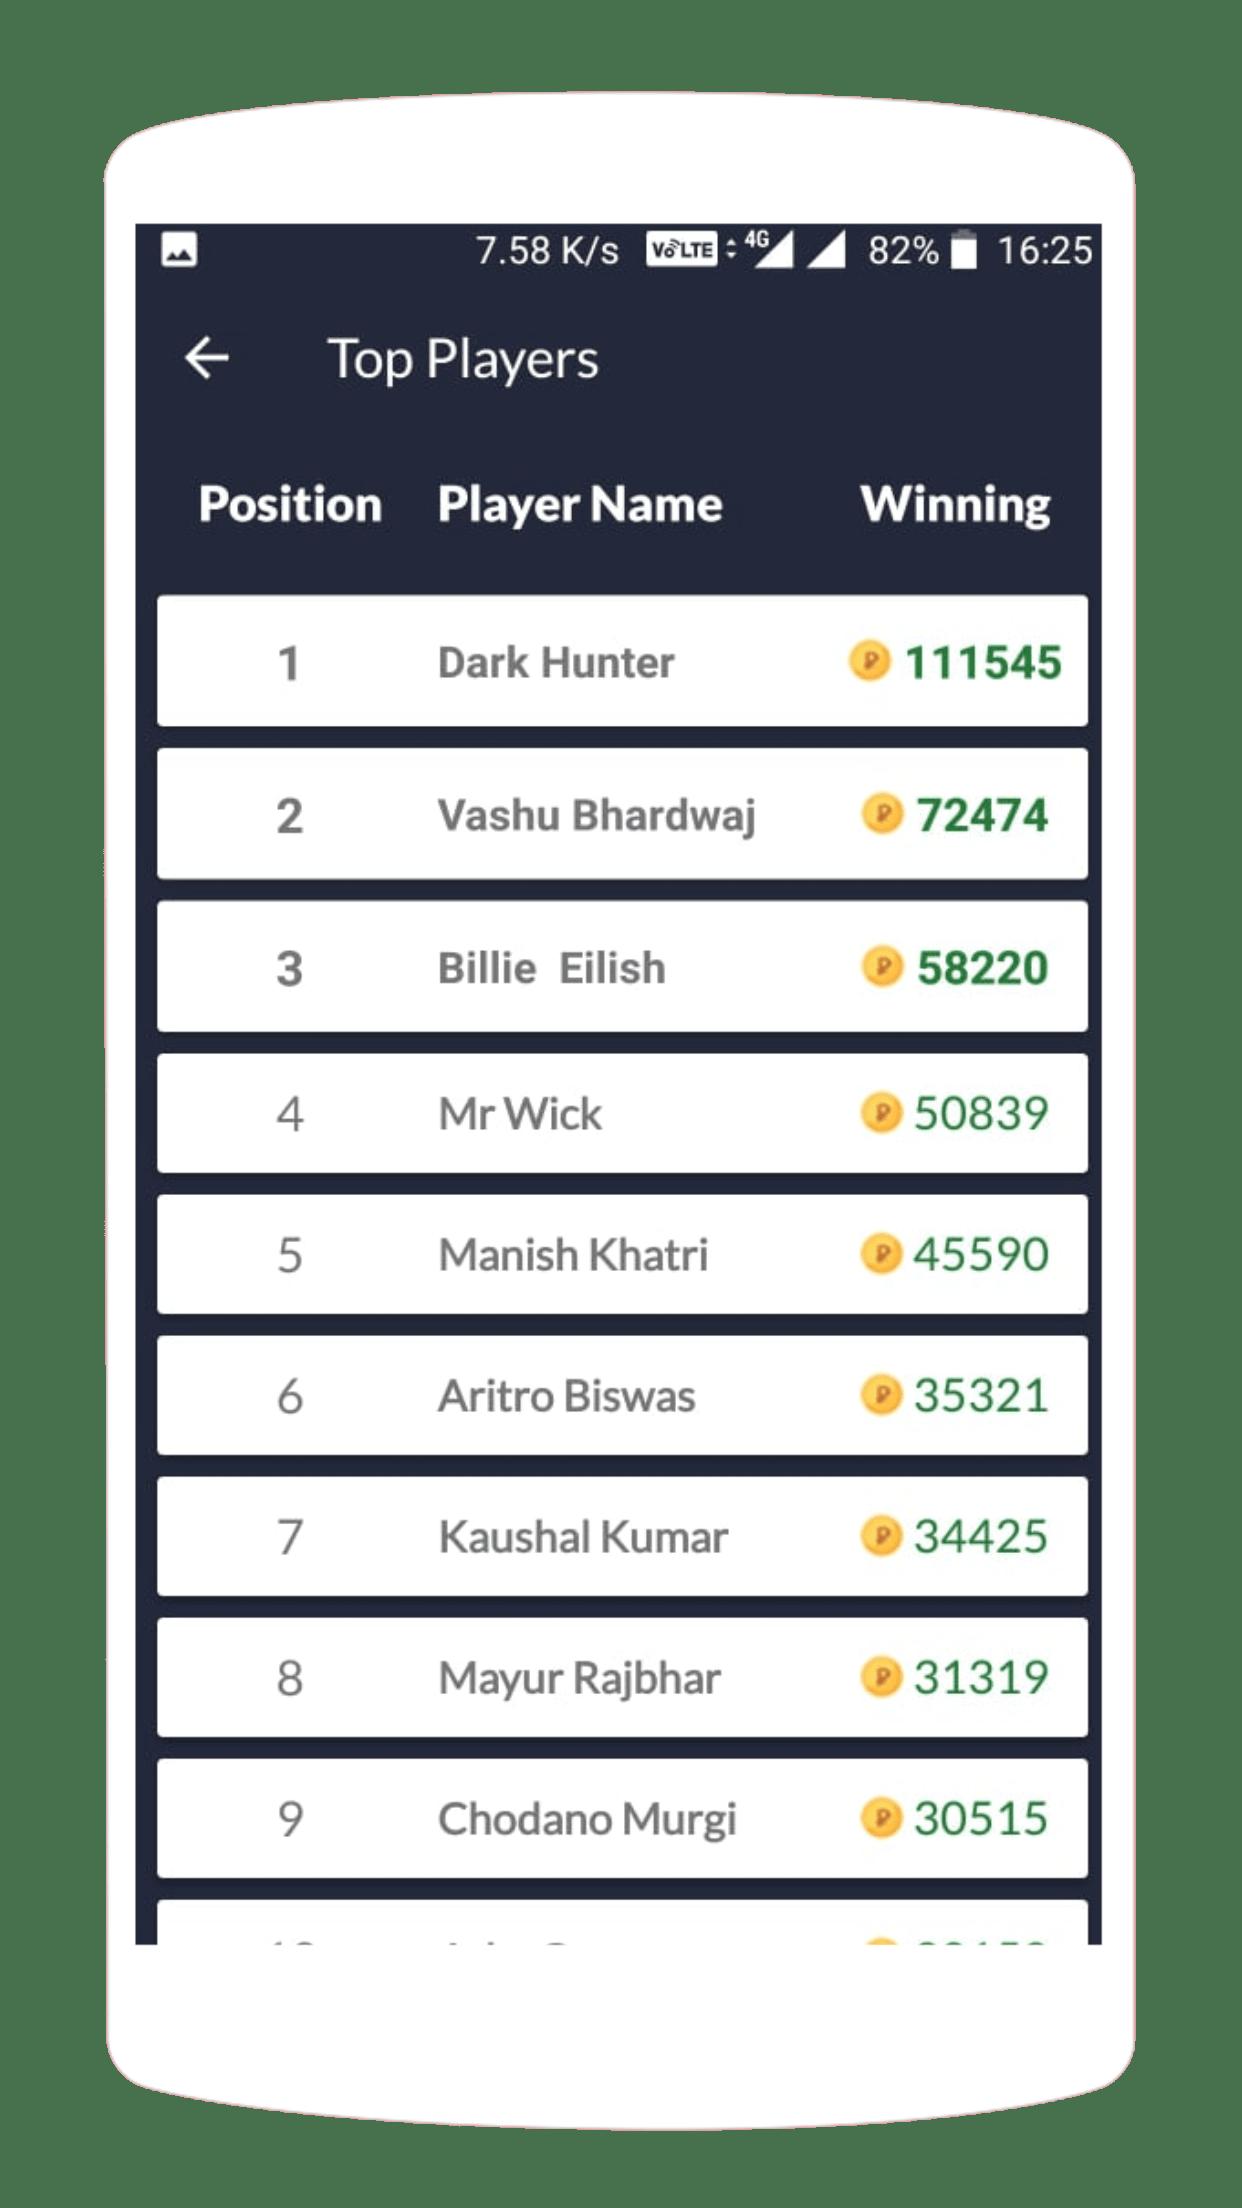 PlayerZon - Play PUBG Mobile & Win Cash Rewards